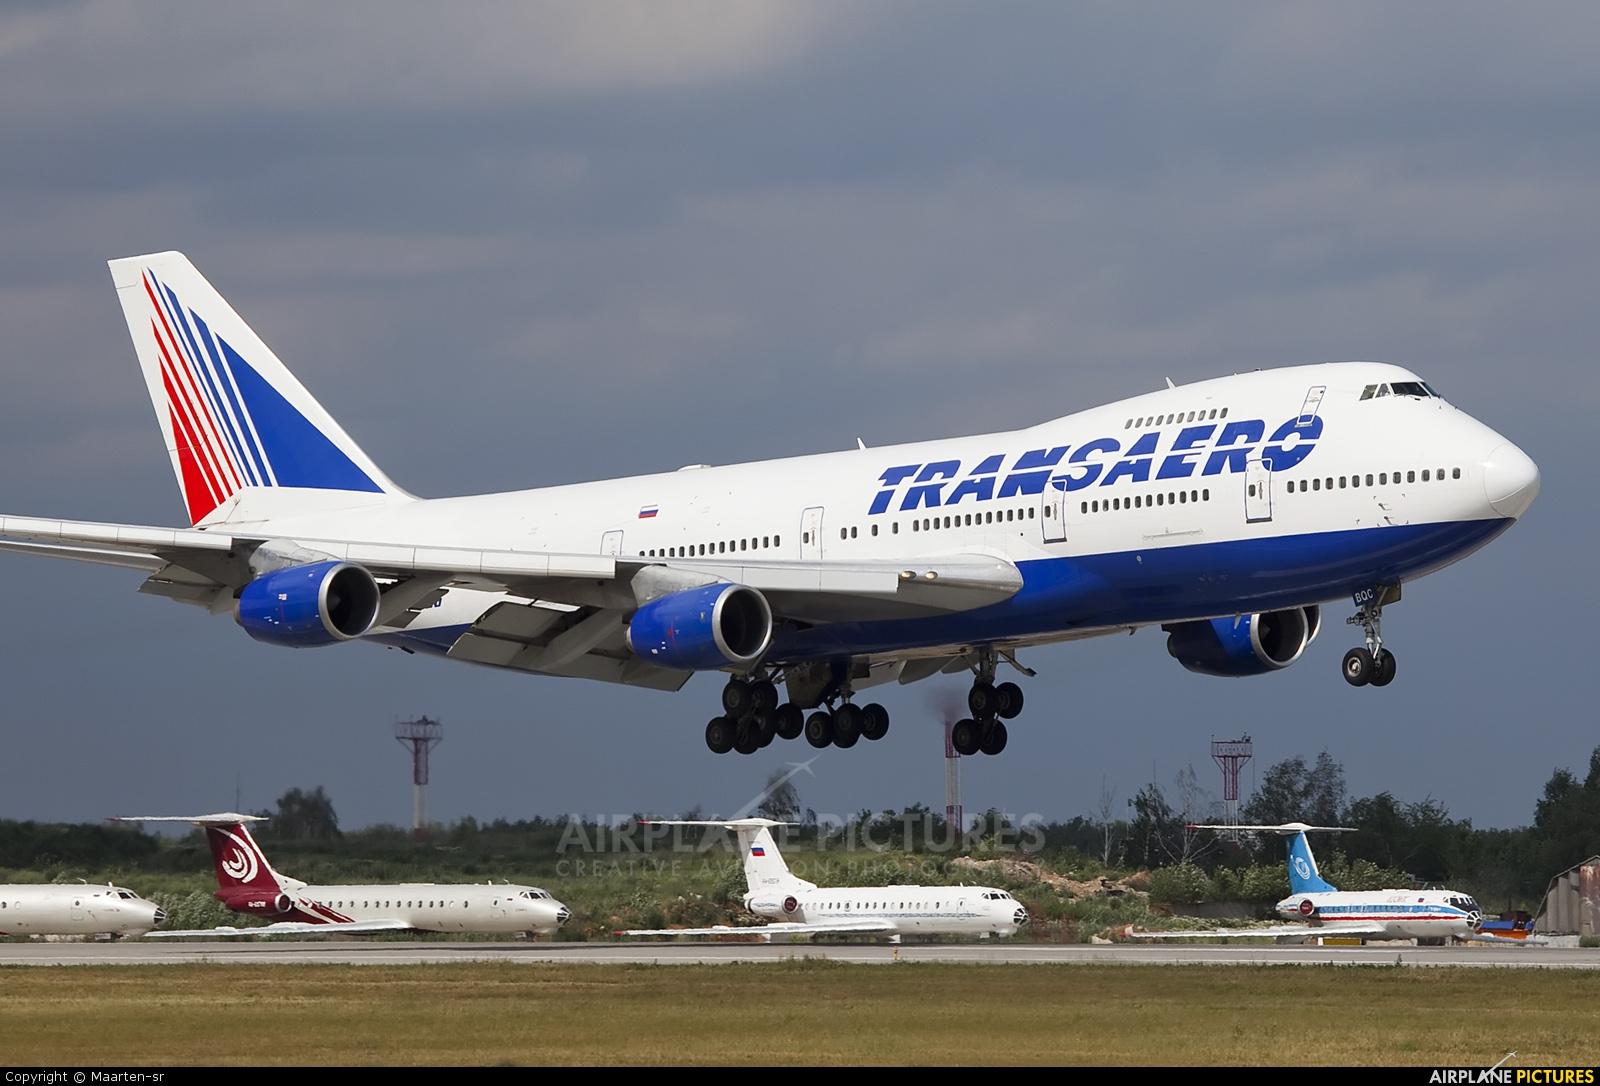 Transaero Airlines VP-BQC aircraft at Moscow - Domodedovo